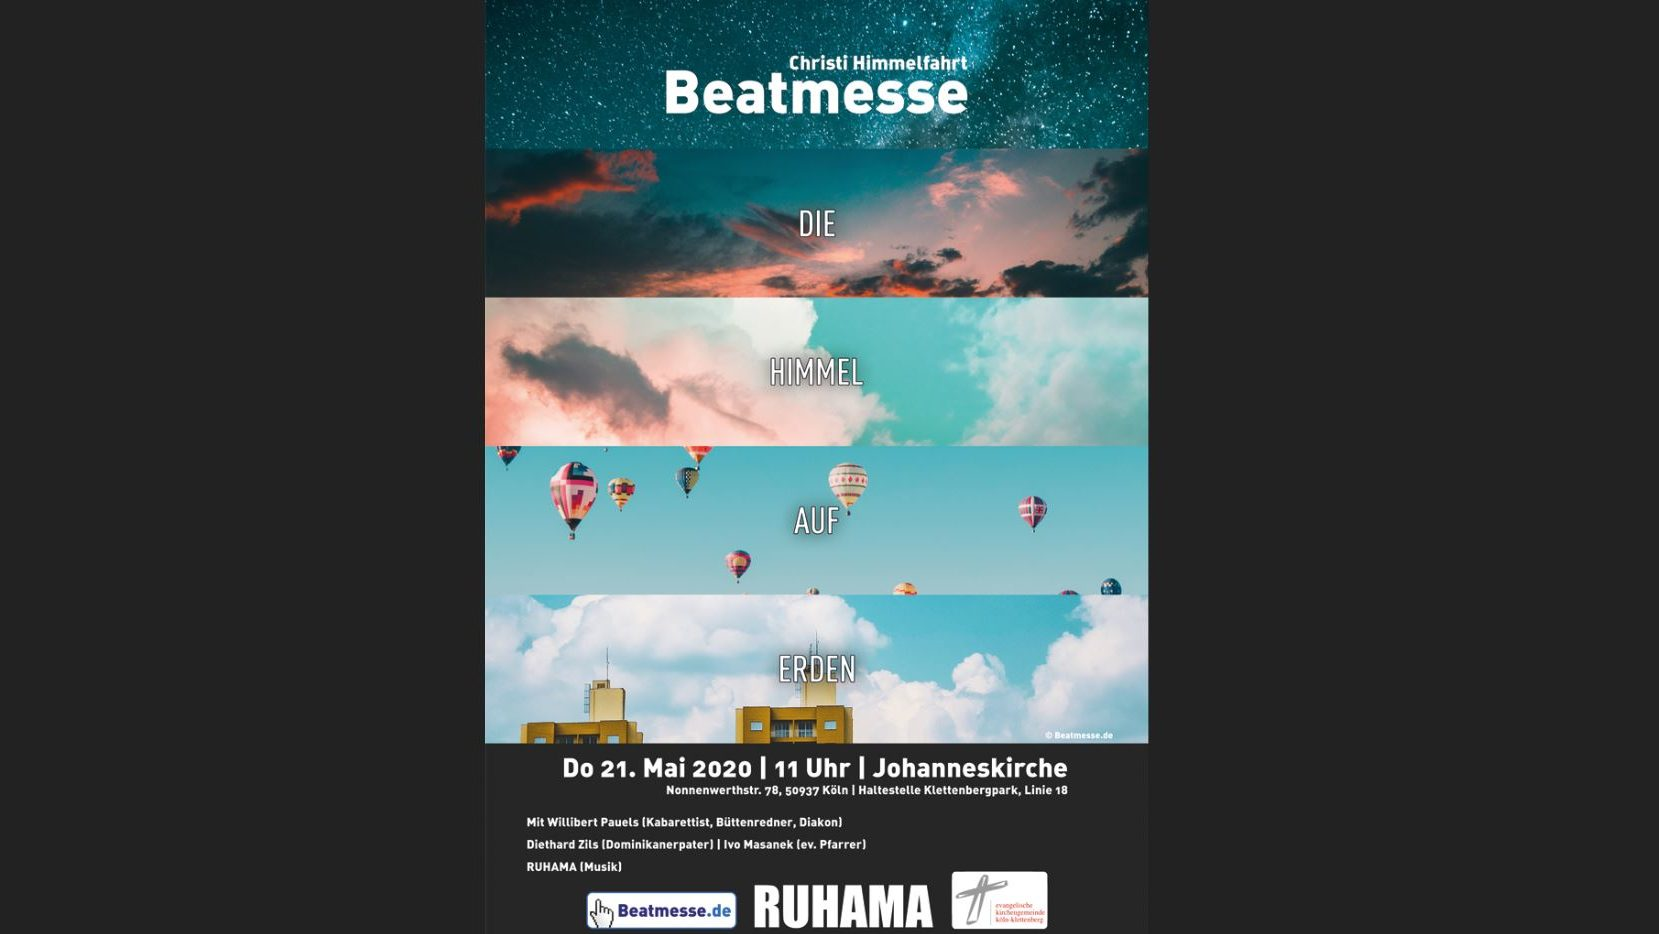 Ökumenische Beatmesse mit Willibert Pauels im Livestream sowie evangelische Gottesdienste an Christi Himmelfahrt online und vor Ort